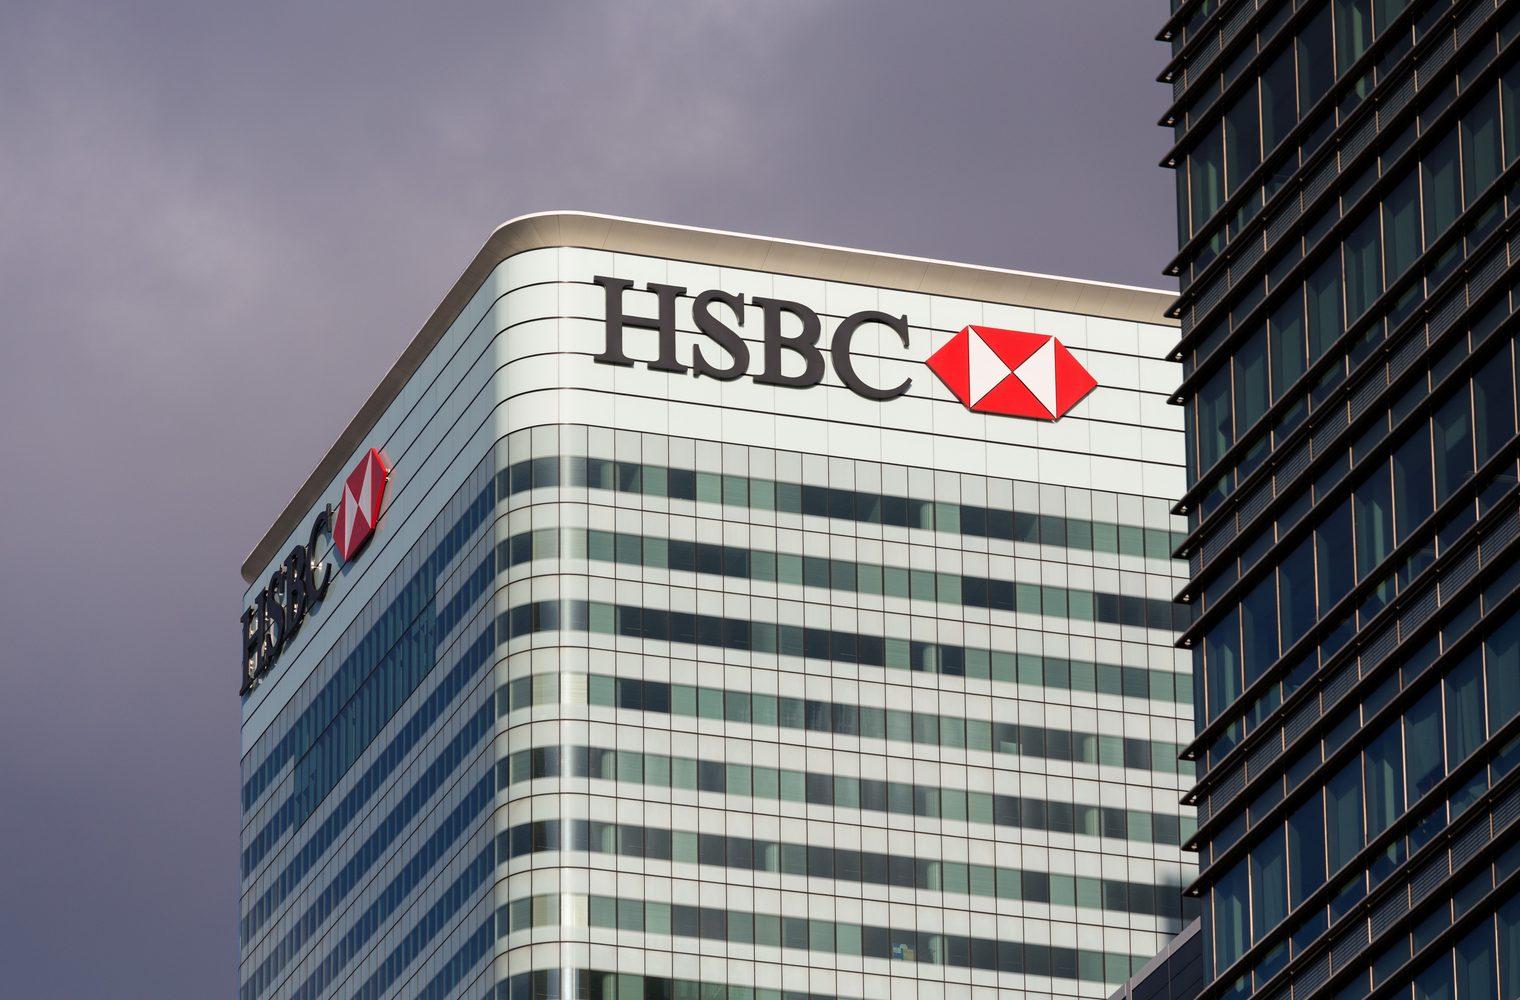 El gigante bancario HSBC listo para despedir a 10,000 empleados más